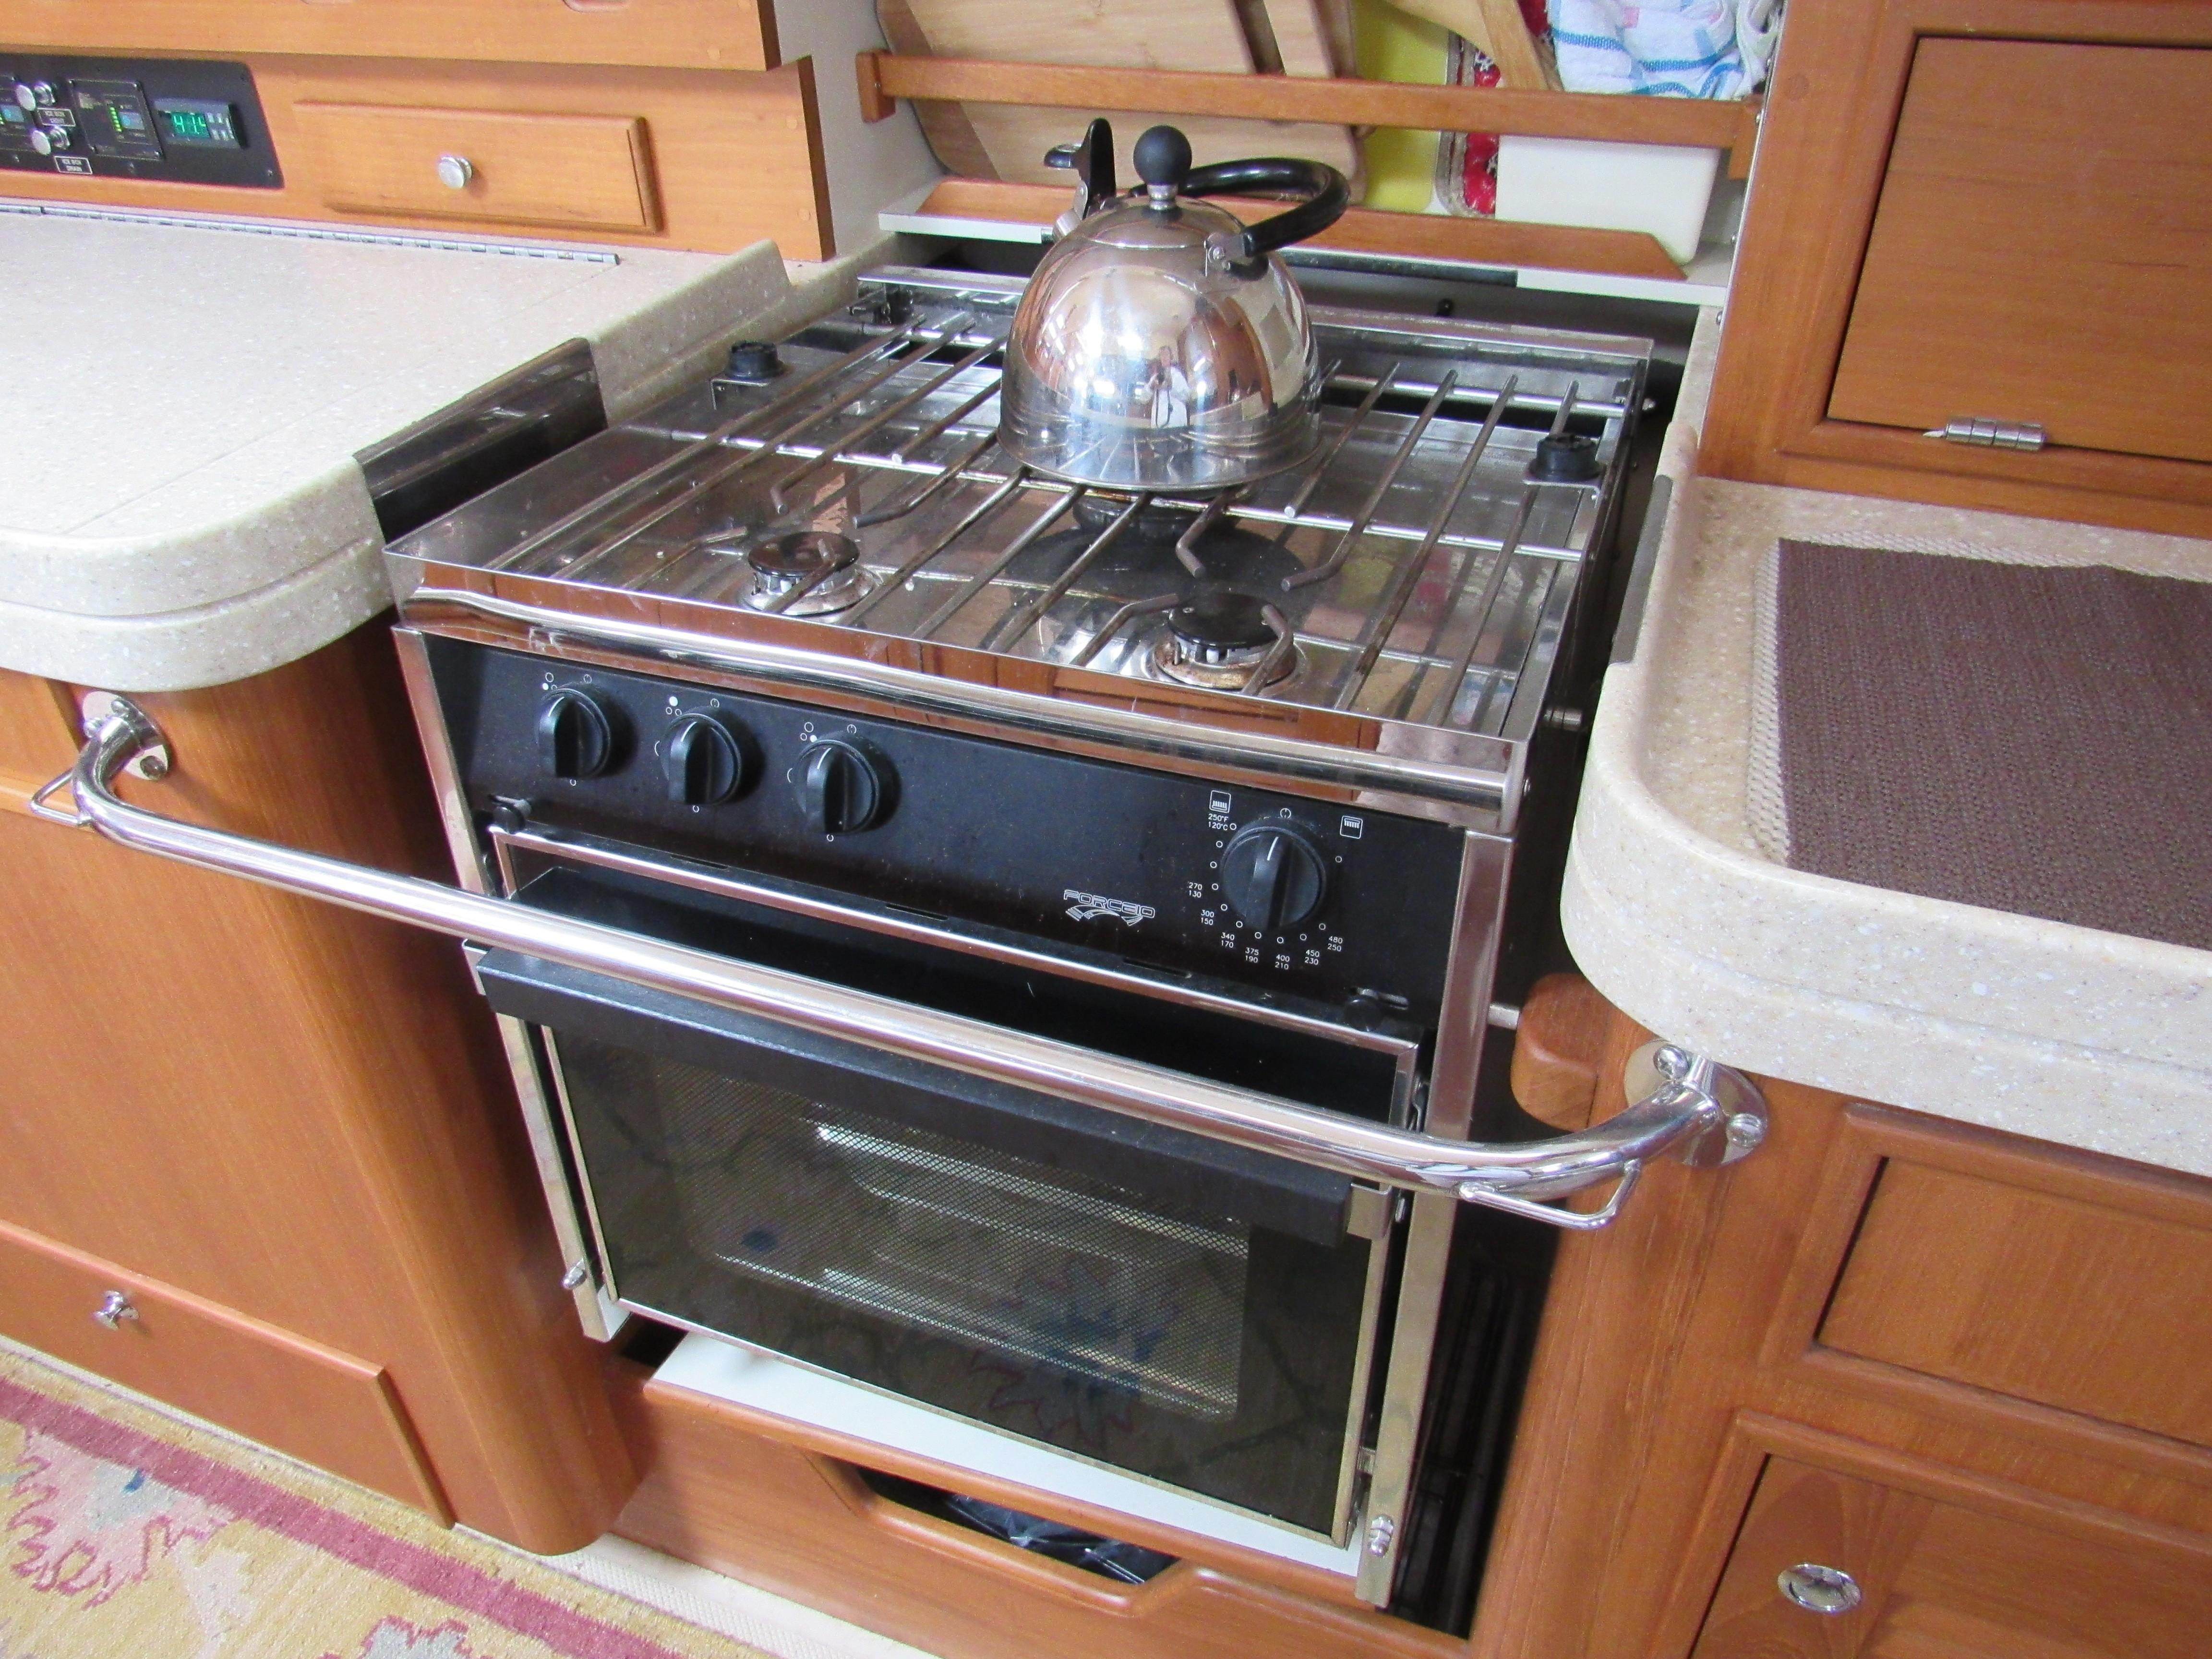 3 burner propane stove and oven